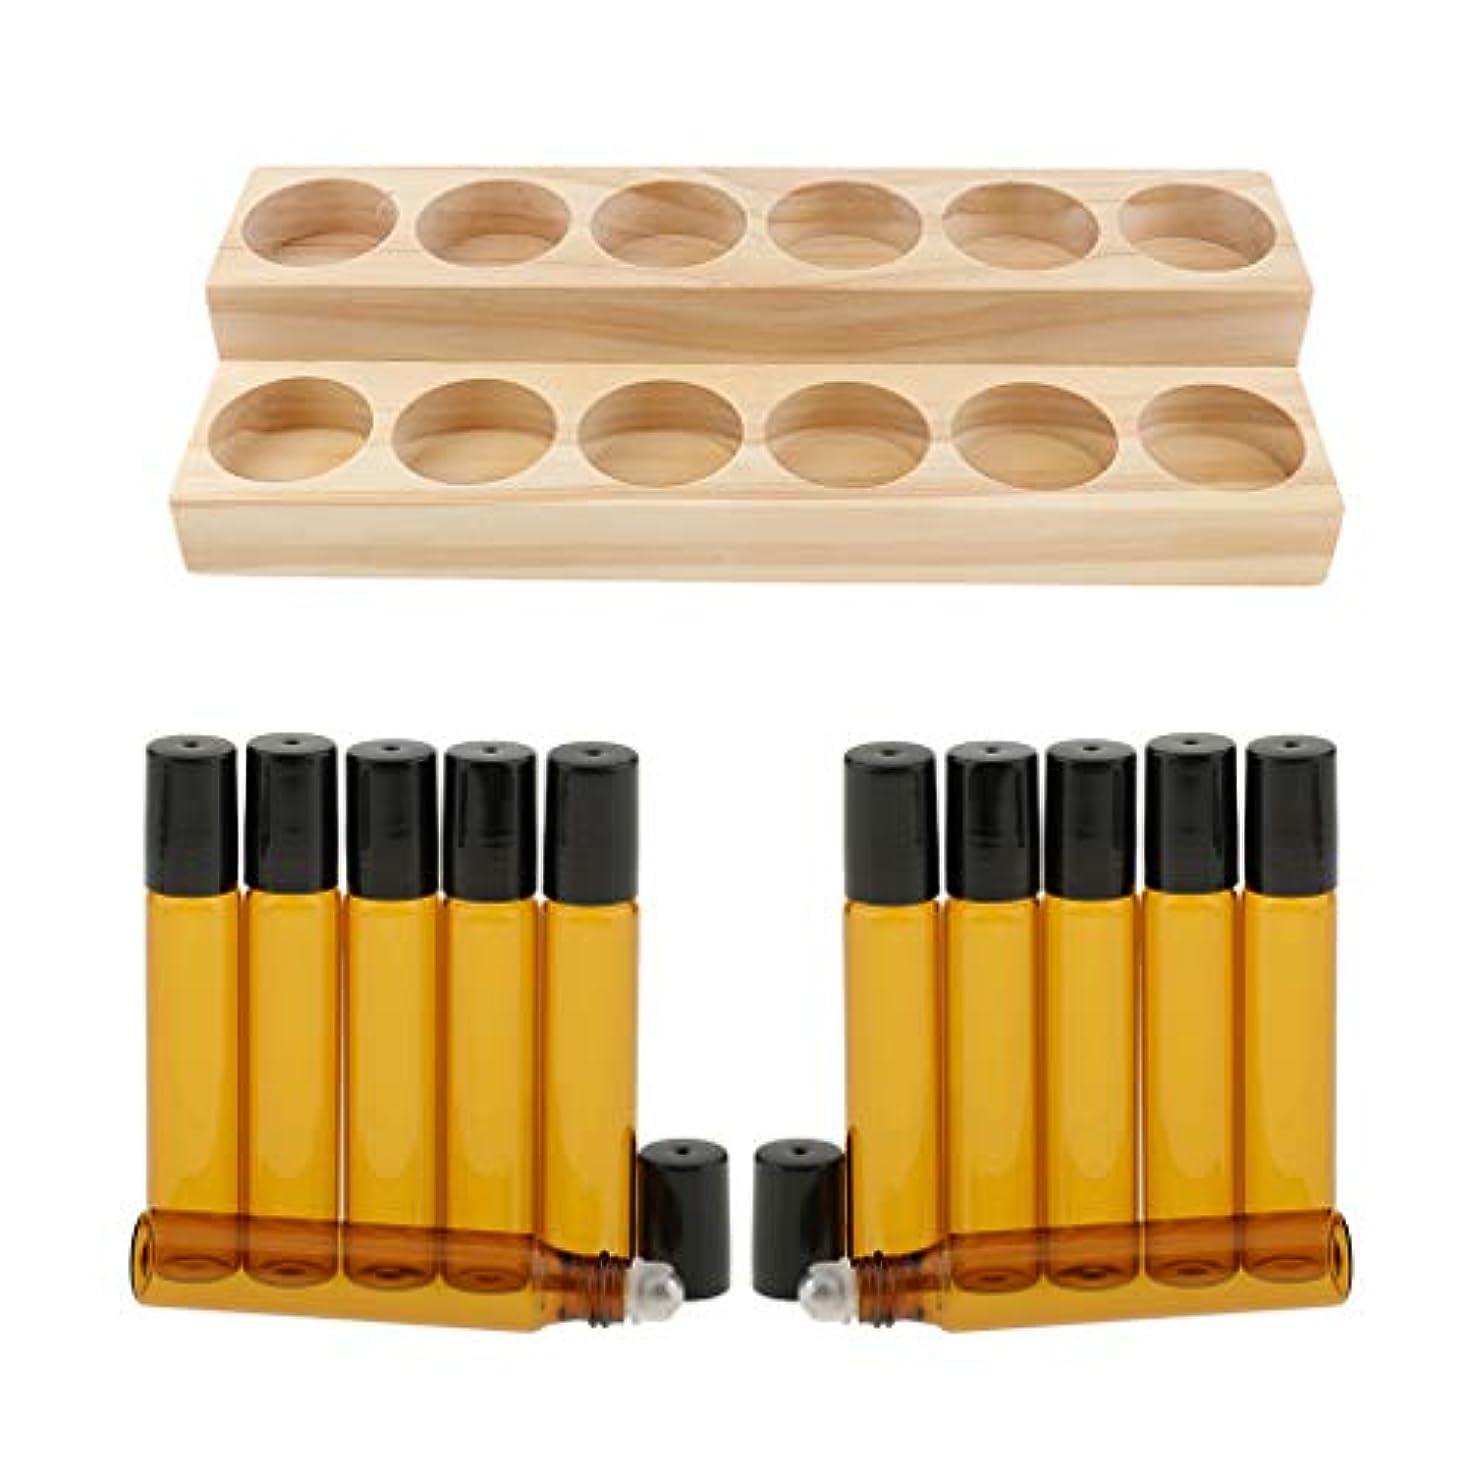 話をするジョイント大惨事収納ラック オーガナイザー 木製スタンド エッセンシャルオイル 精油 香水 展示 12個ガラス瓶付